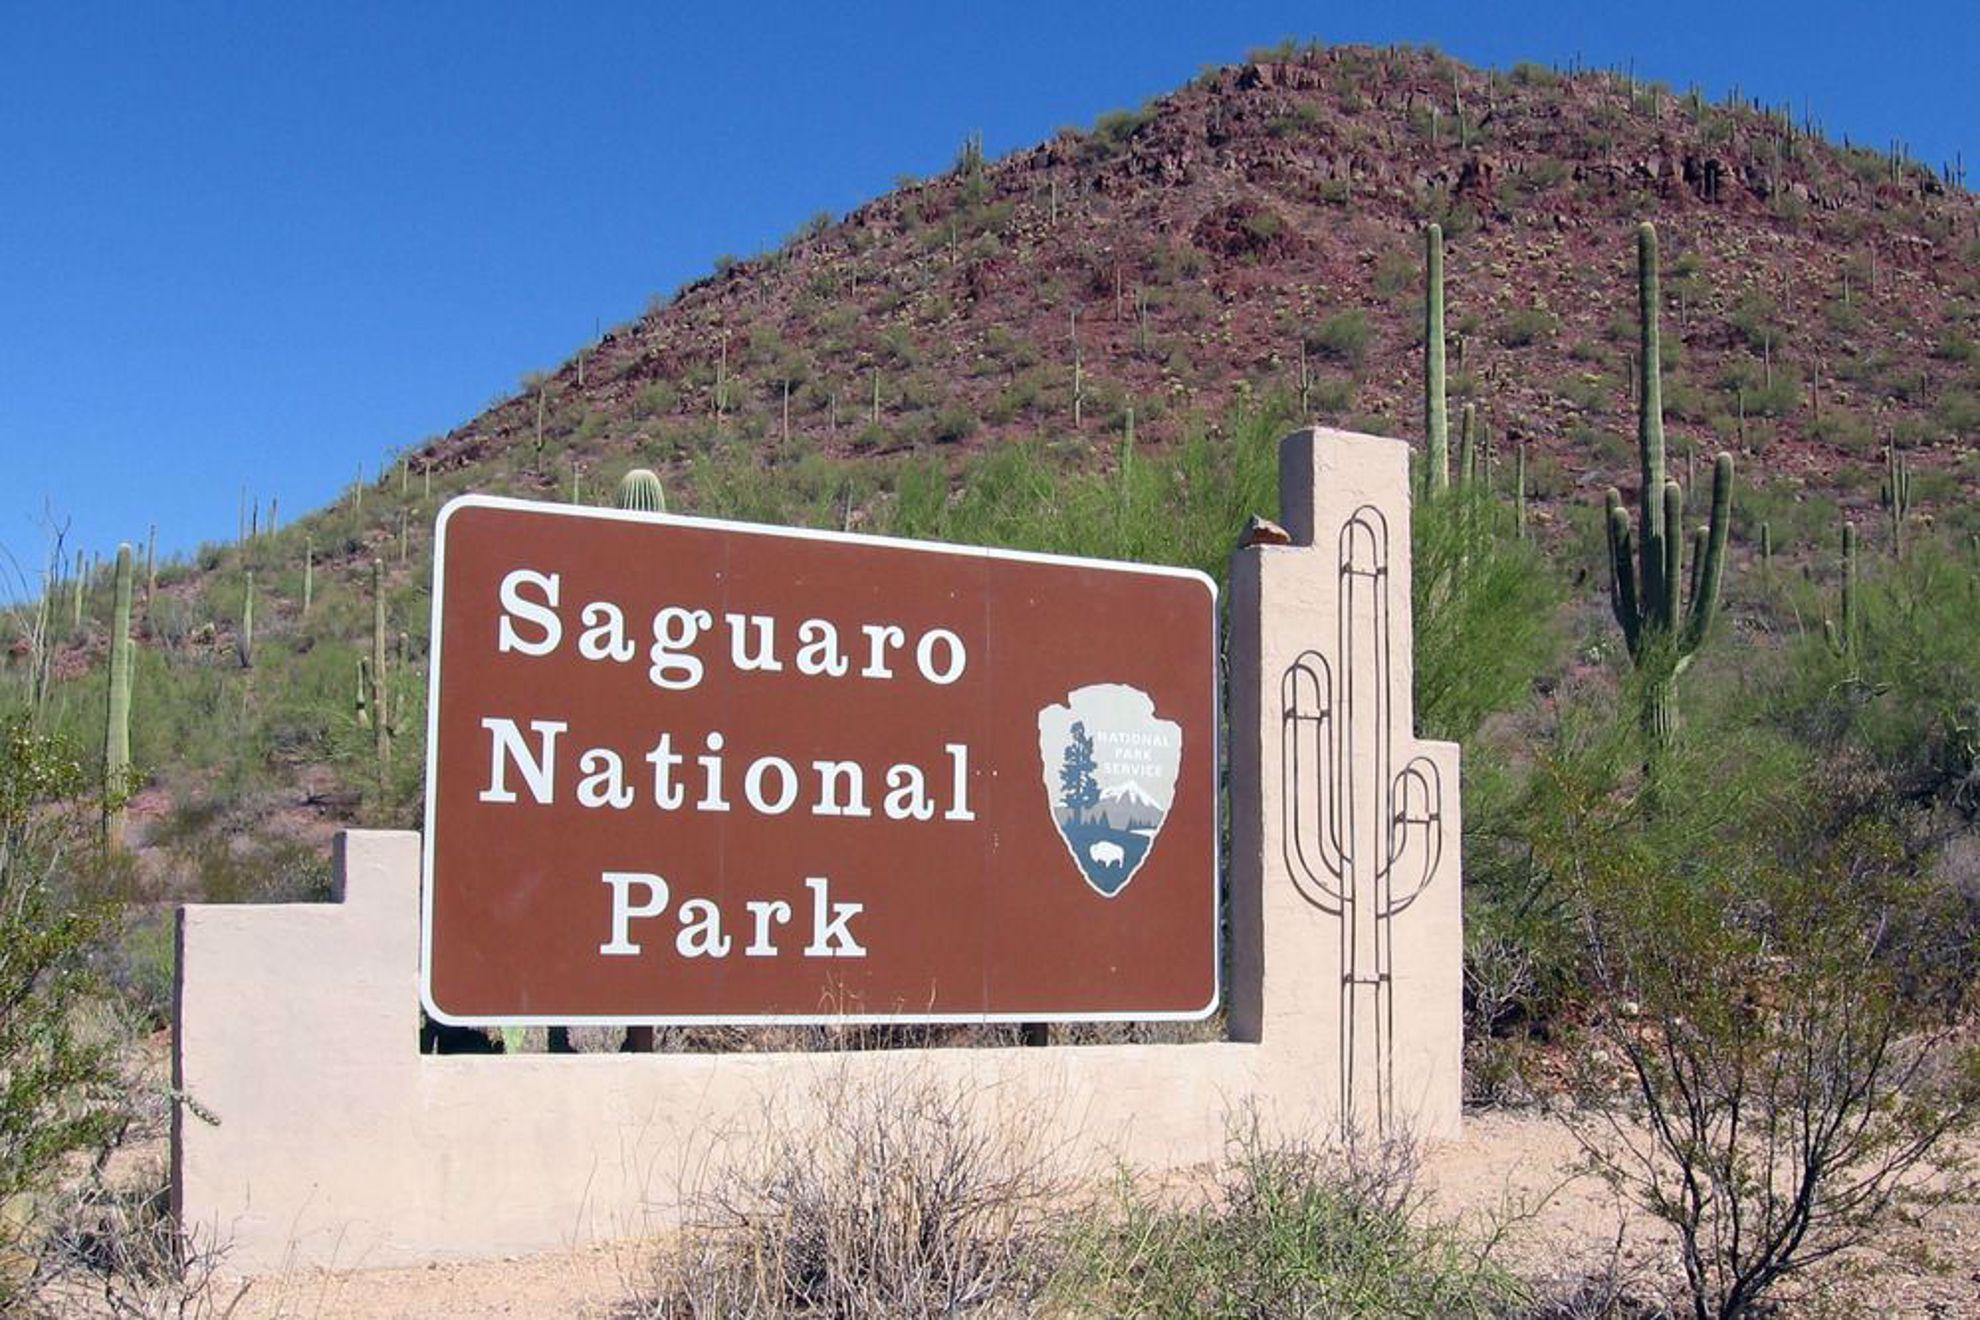 Saguaro National Park sign